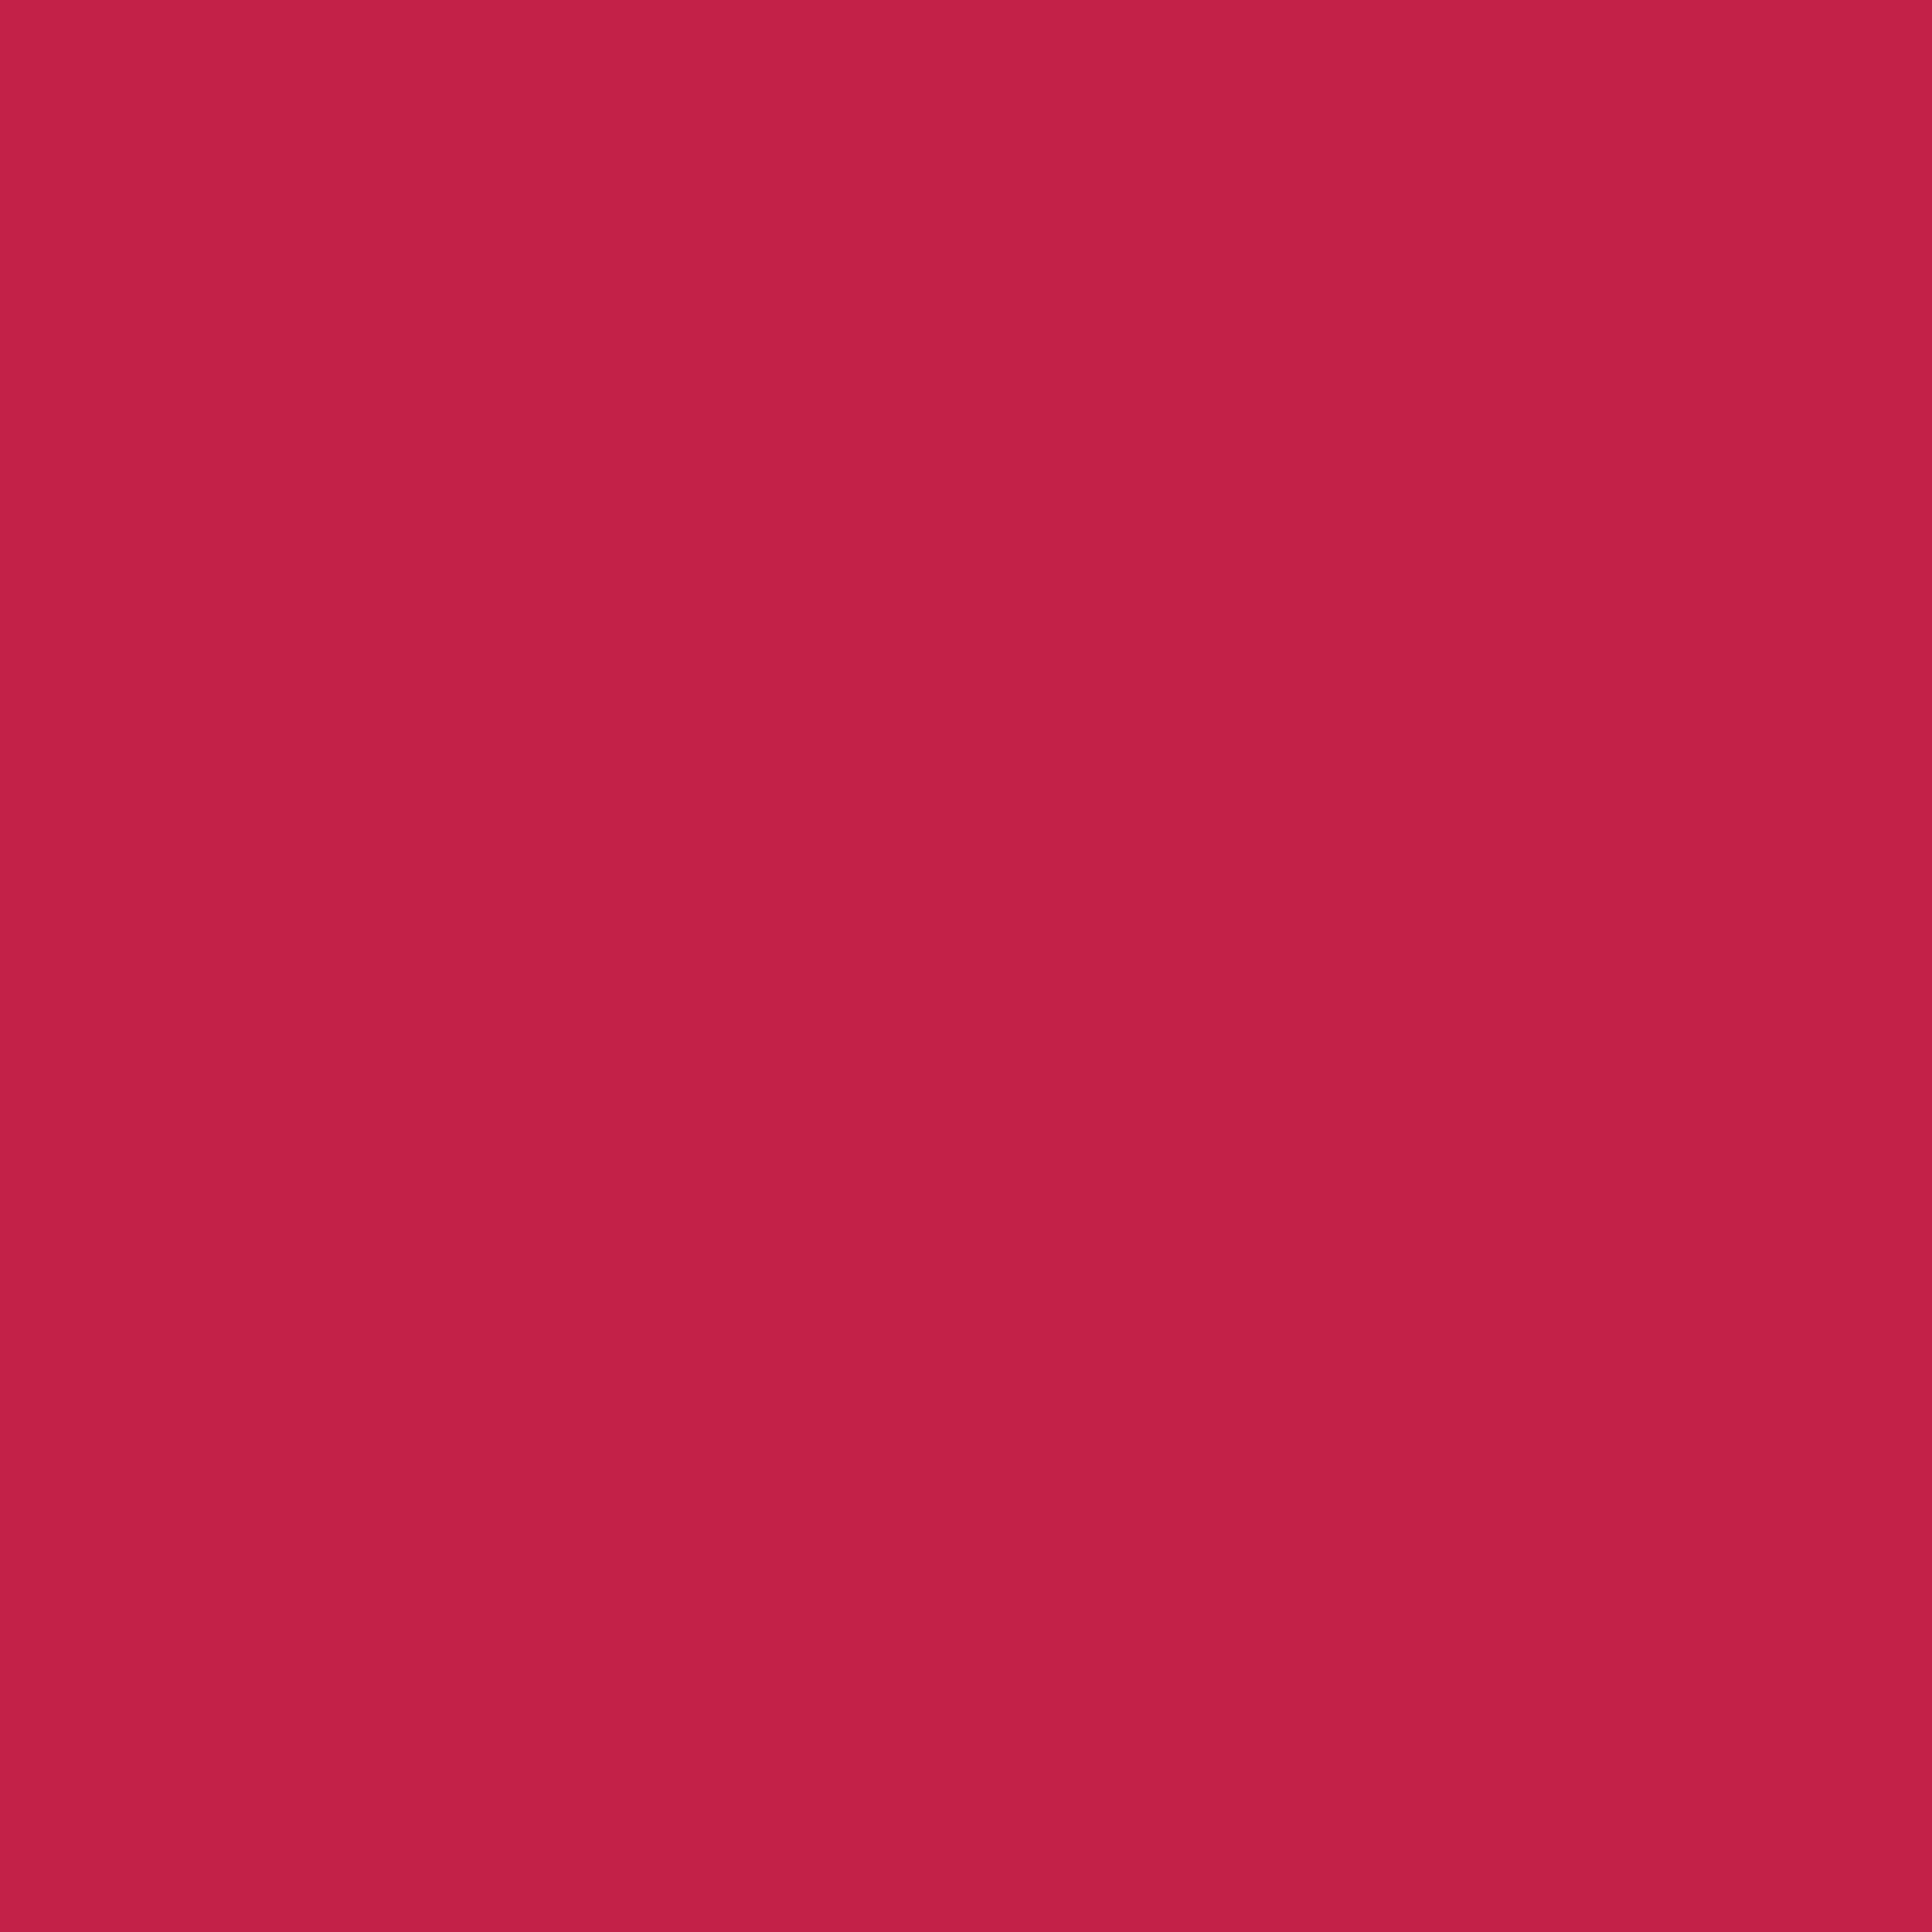 3600x3600 Maroon Crayola Solid Color Background